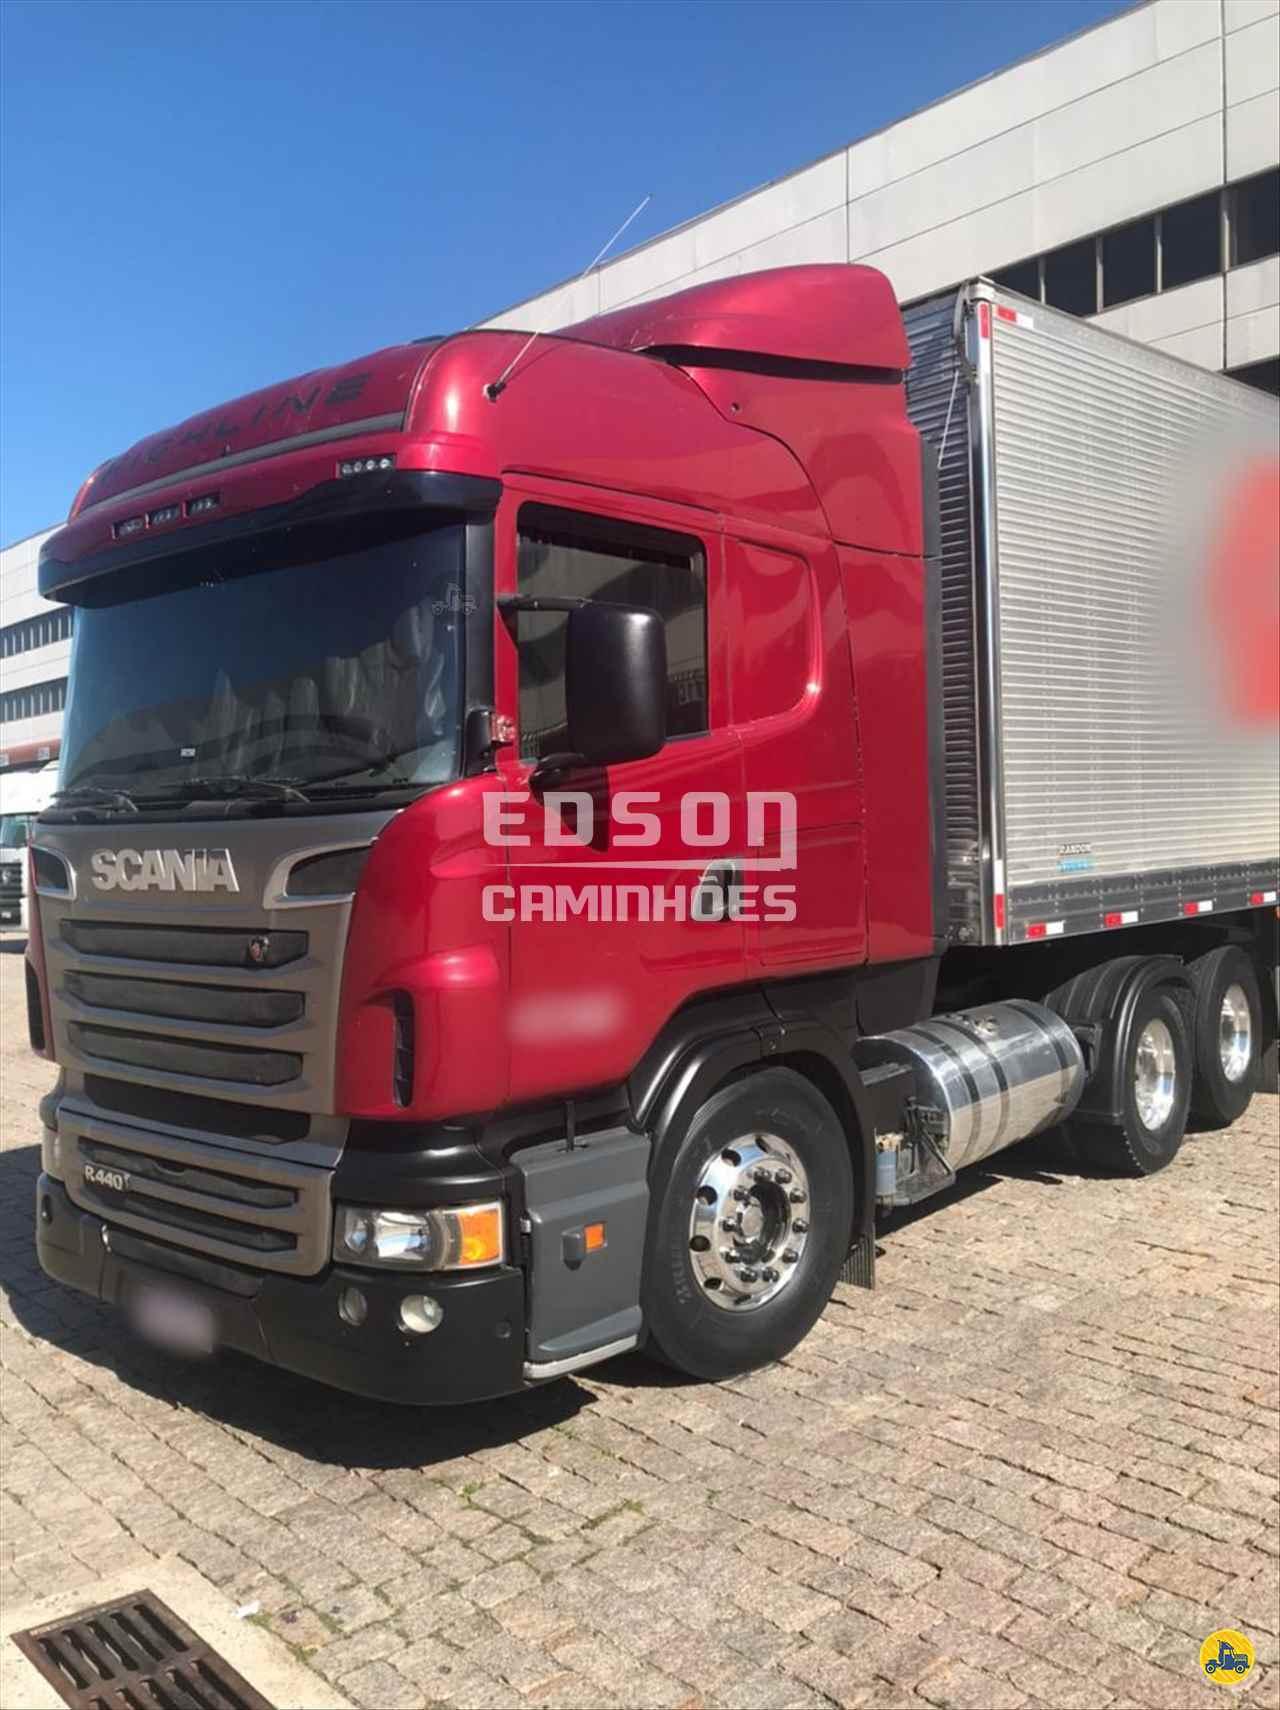 CAMINHAO SCANIA SCANIA 440 Cavalo Mecânico Truck 6x2 Edson Caminhões CURITIBA PARANÁ PR